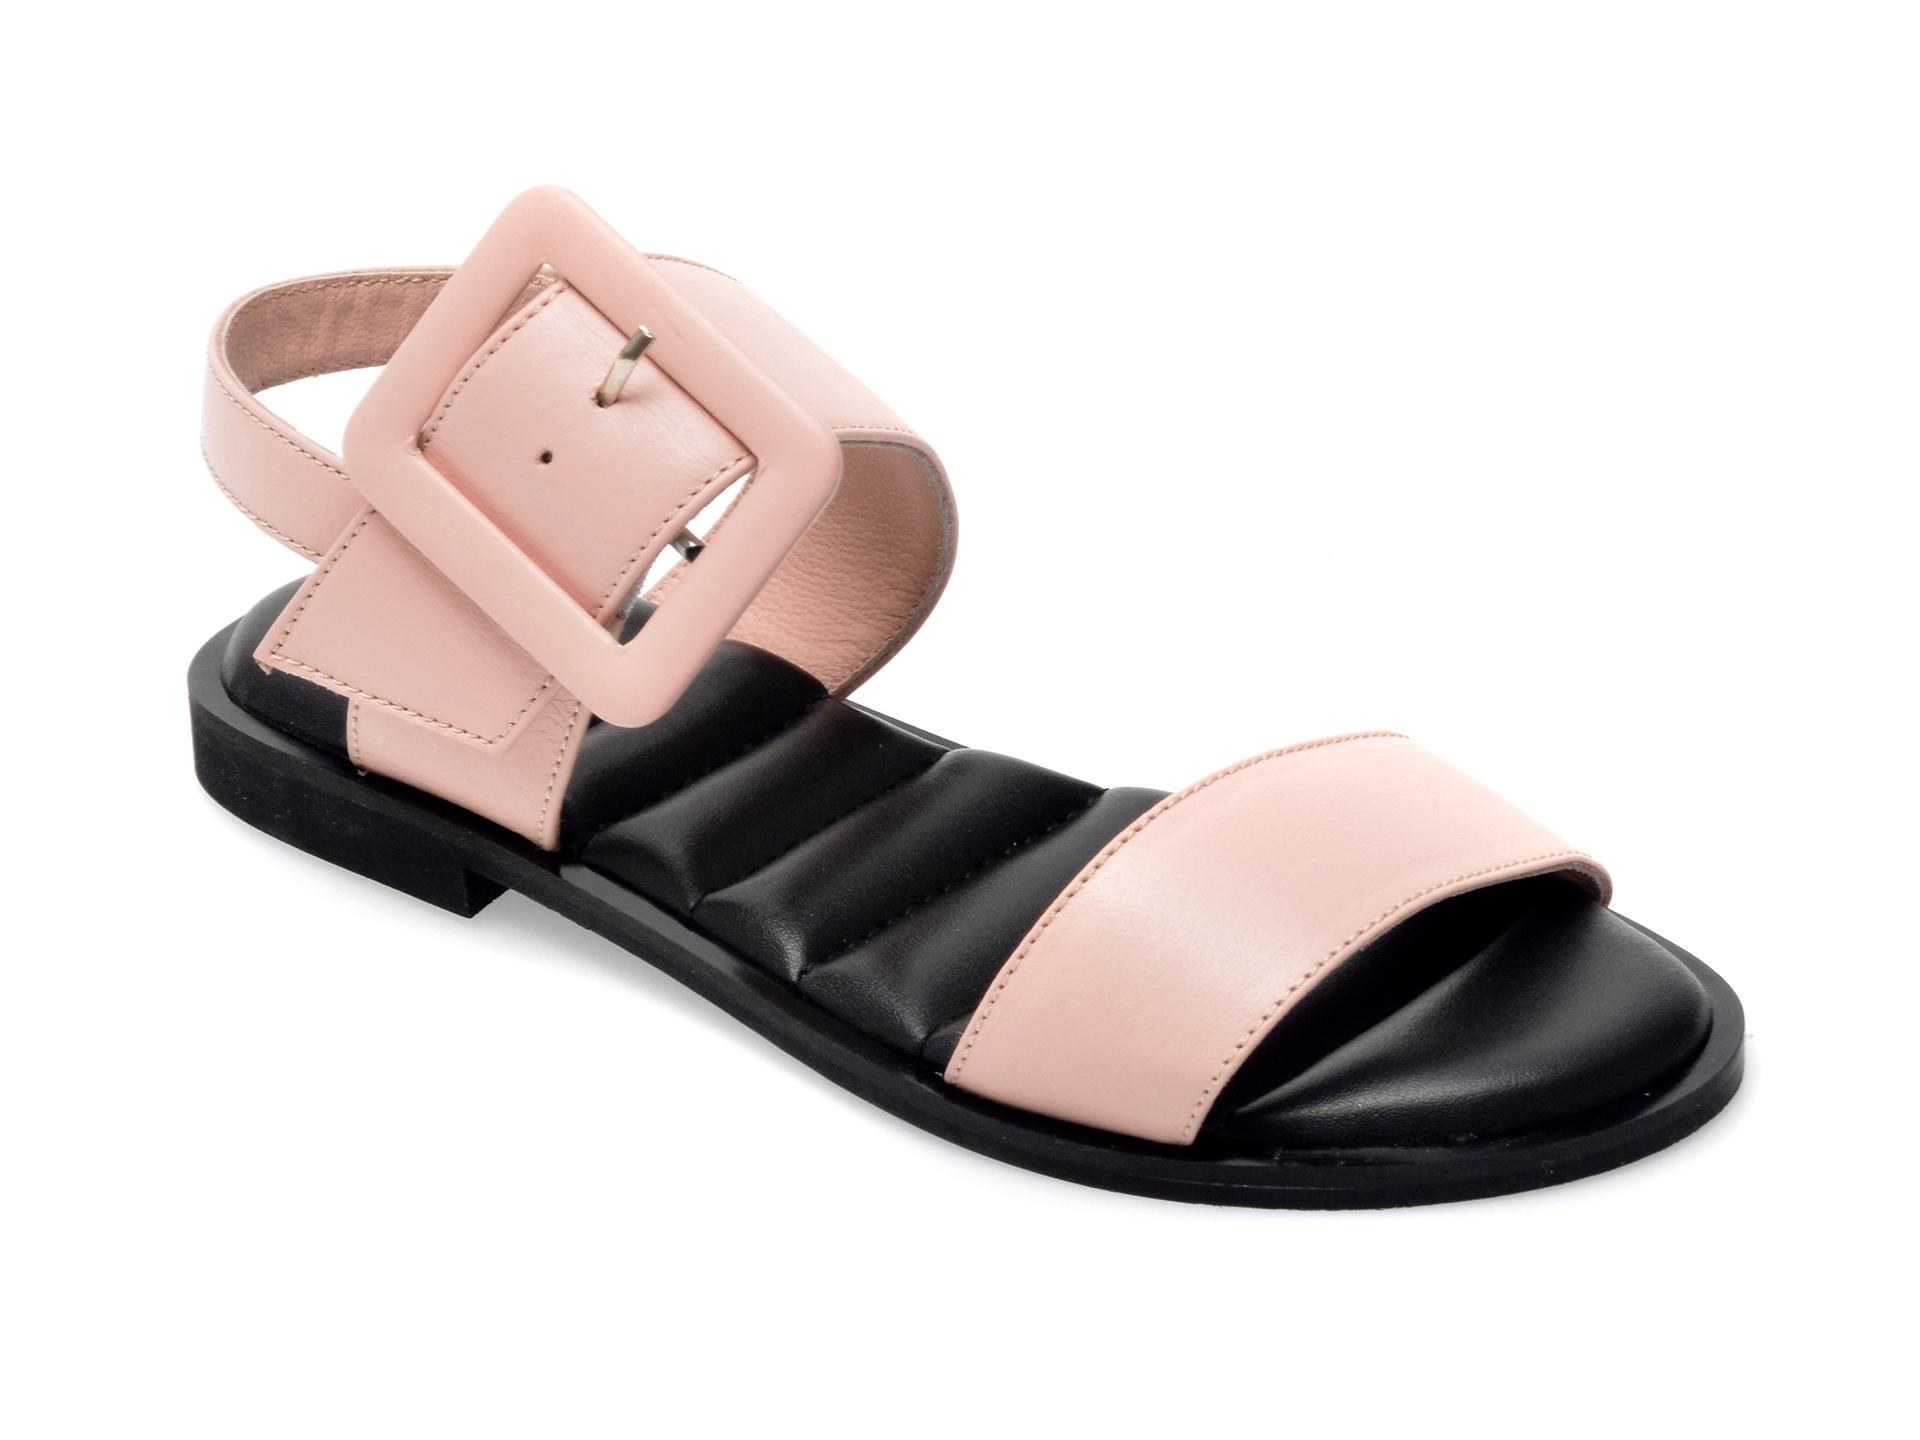 Sandale UNICA nude, A6628, din piele naturala